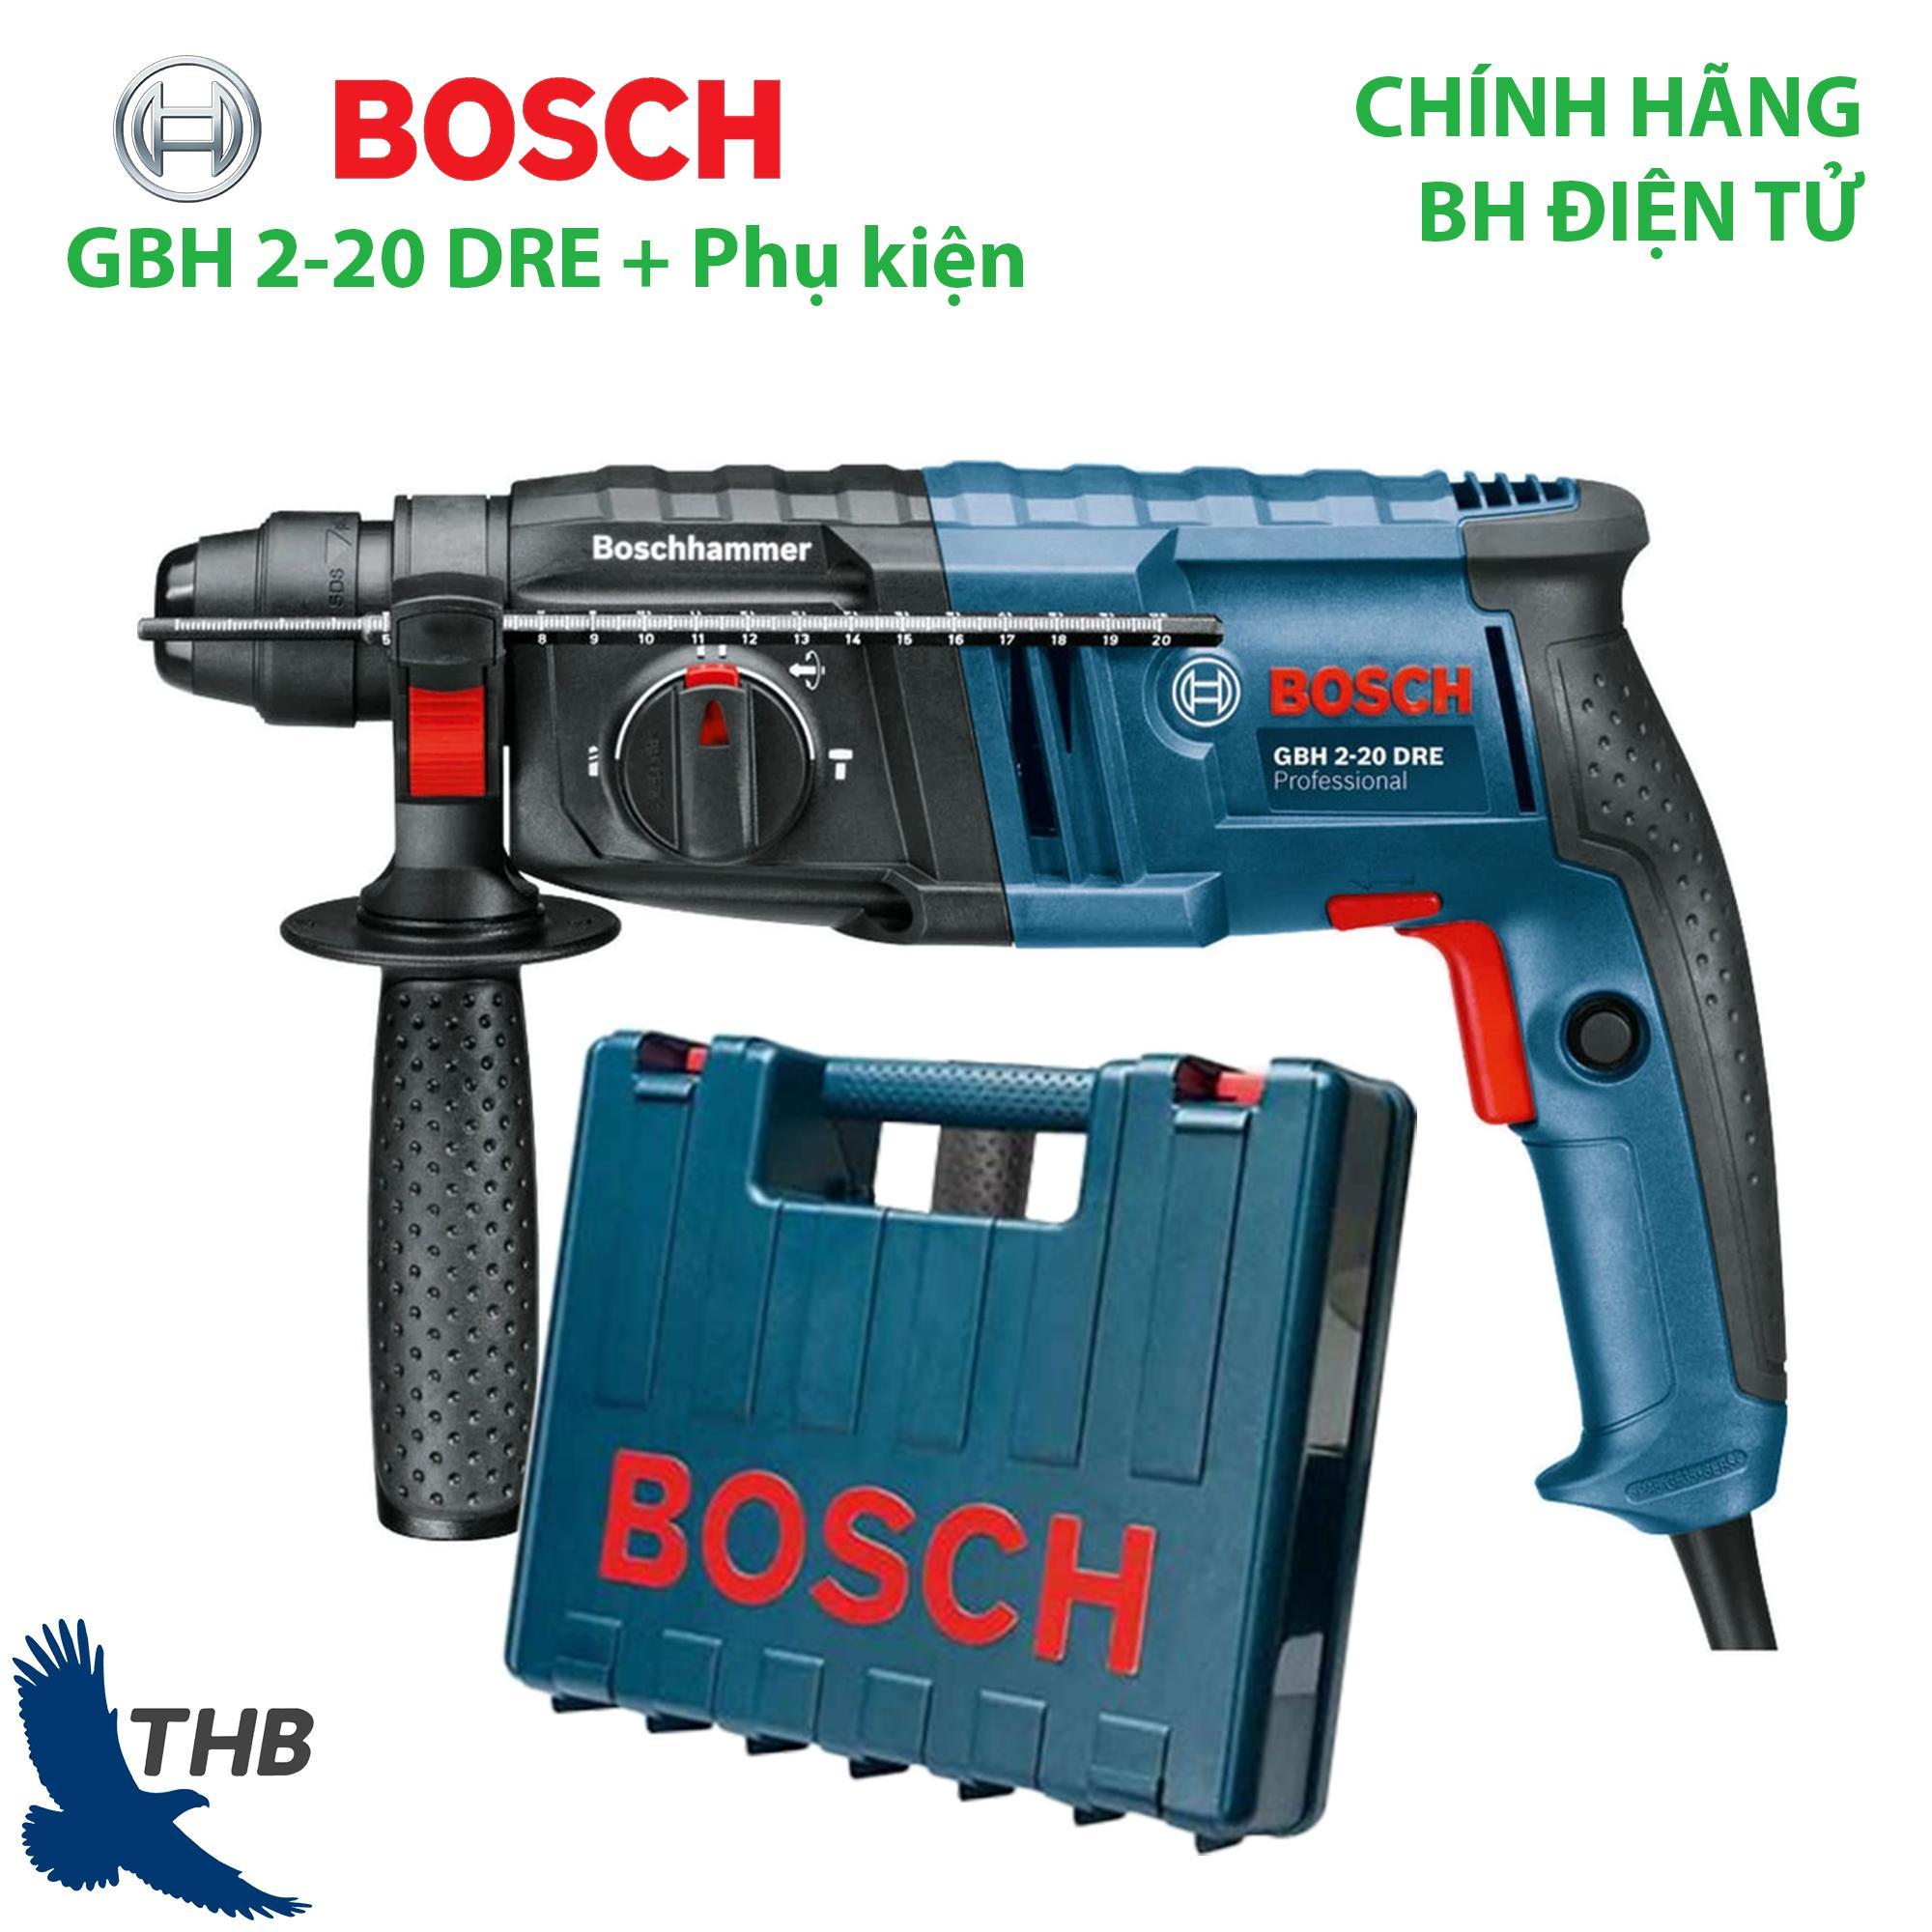 Máy khoan bê tông Máy khoan búa Bosch GBH 2-20 DRE kèm phụ kiện Công suất 600W